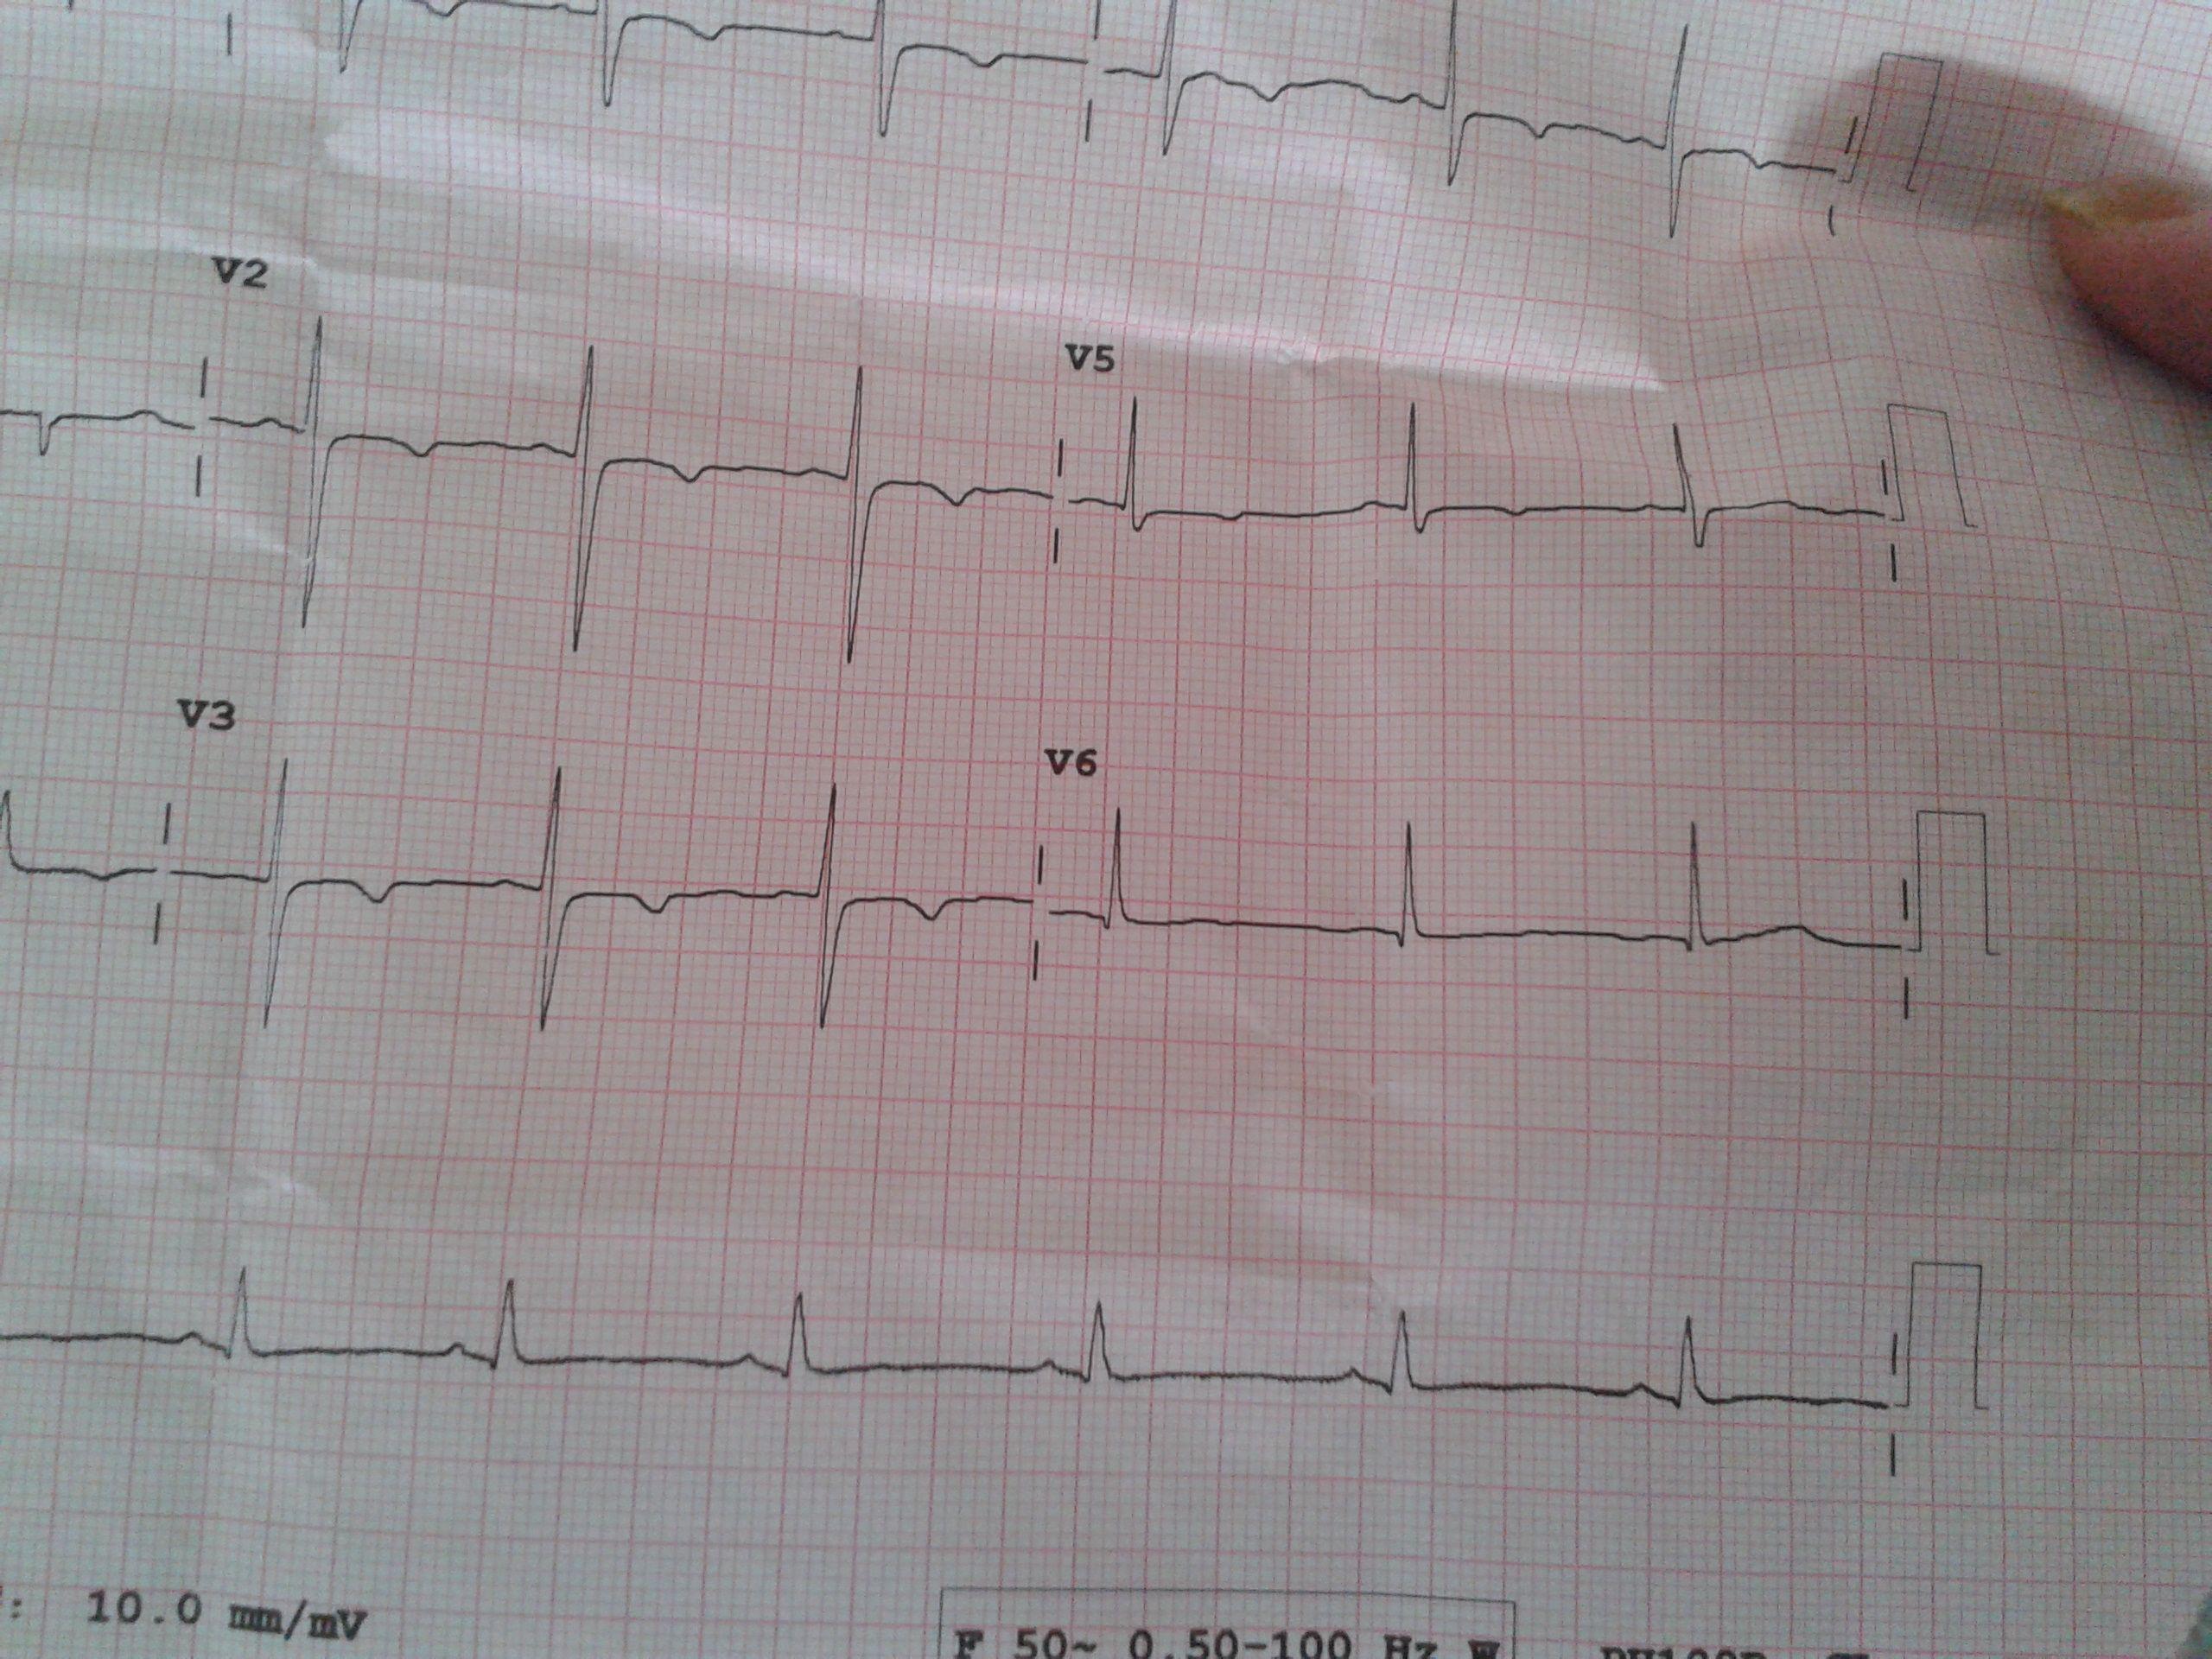 心电图窦性心律,电轴右偏,非特异性广泛导联复极异常,导联基线漂移,这些说的什么?_百度知道